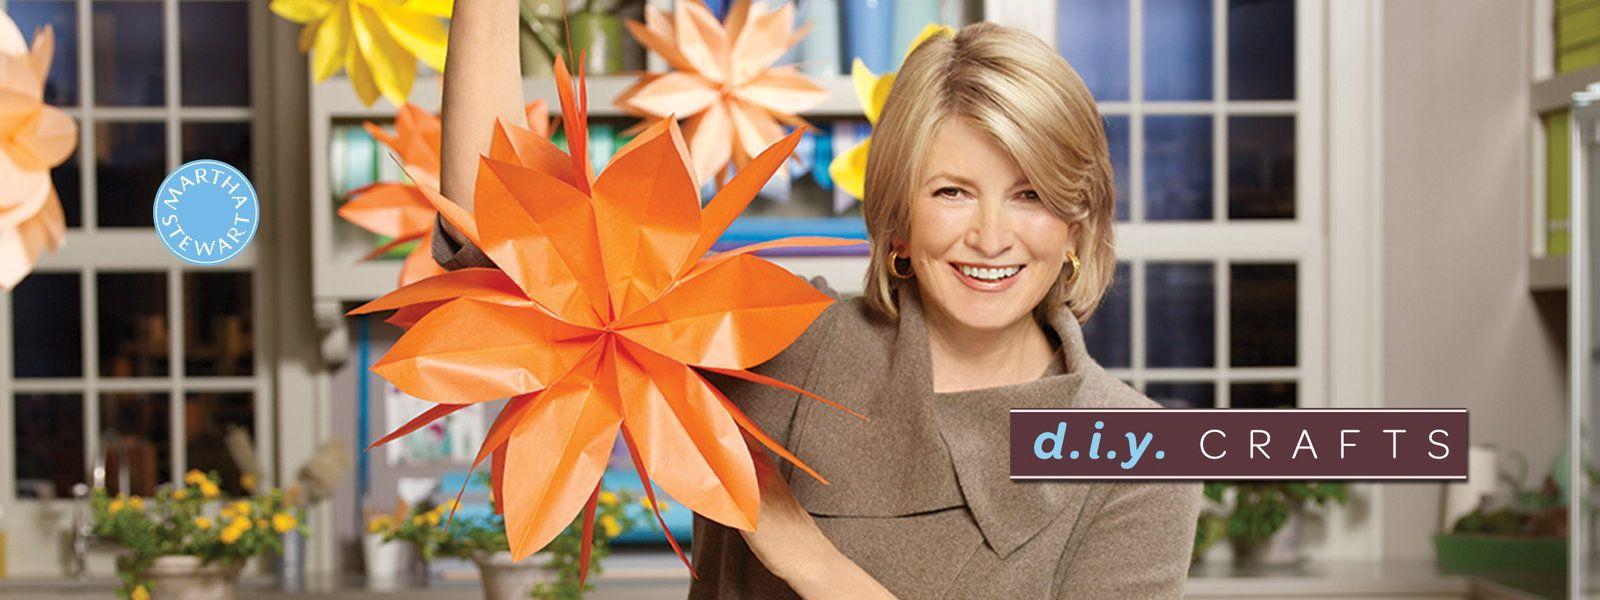 Martha Stewart videos Watch DIY Crafts online Free